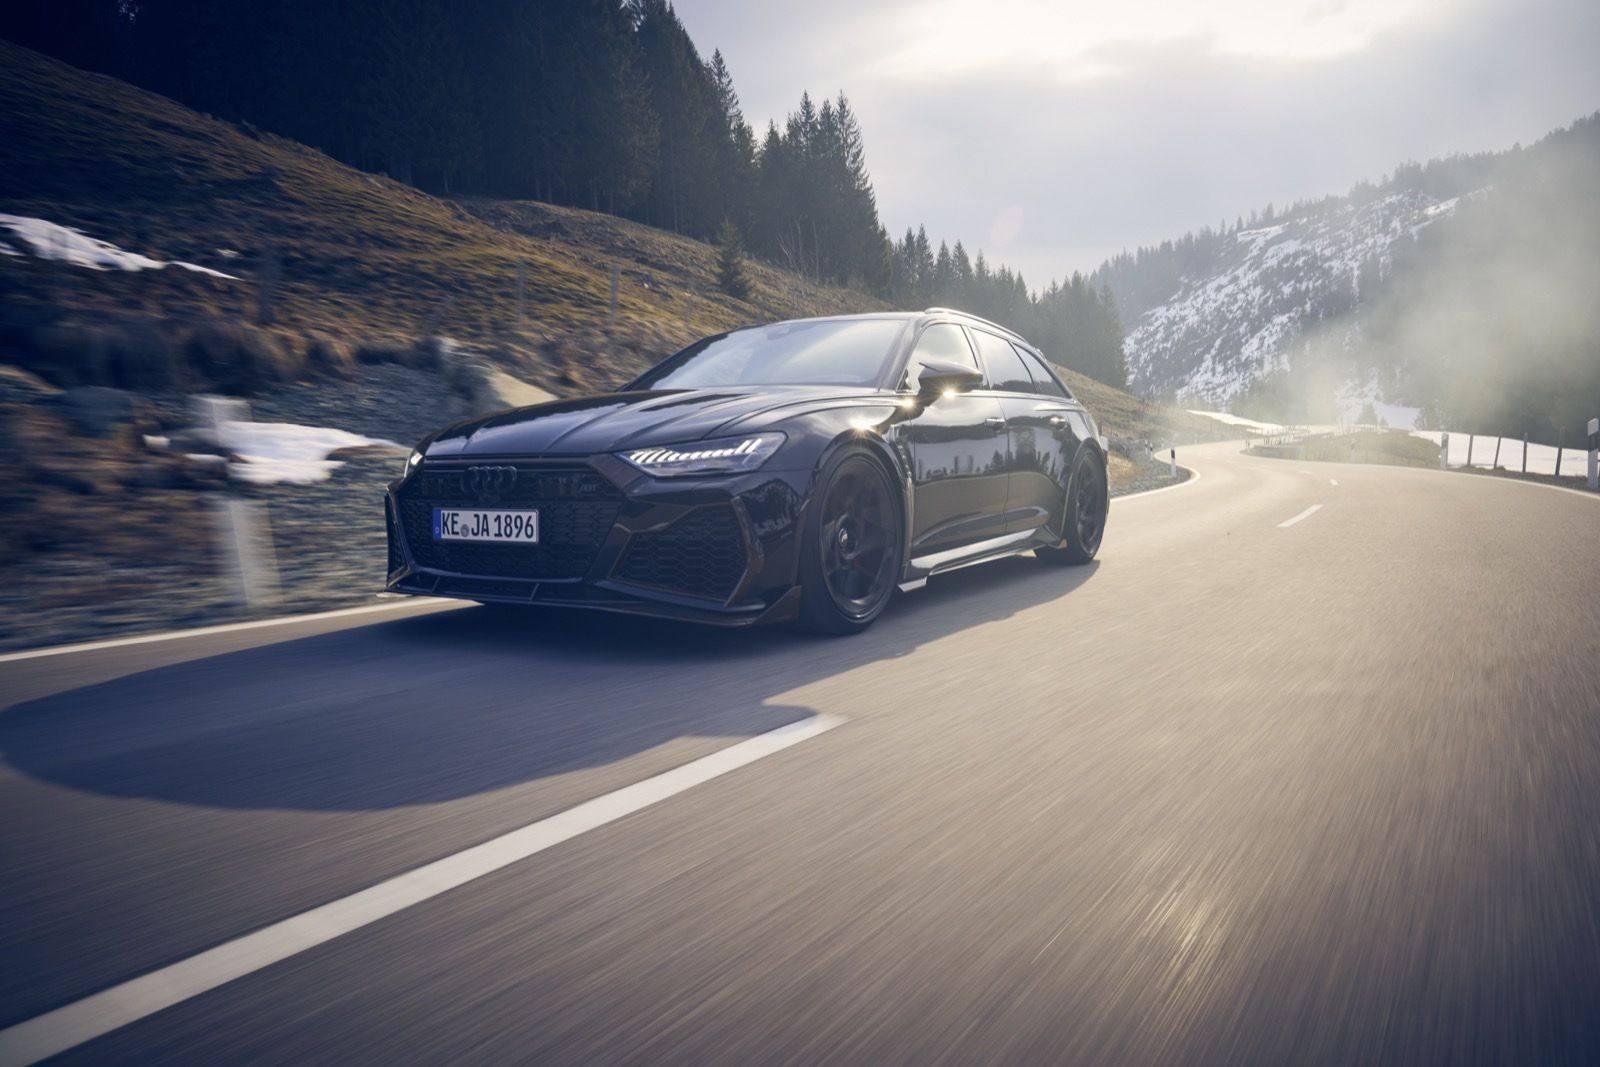 Audi_RS6_Johann_Abt_Signature_Edition-0013